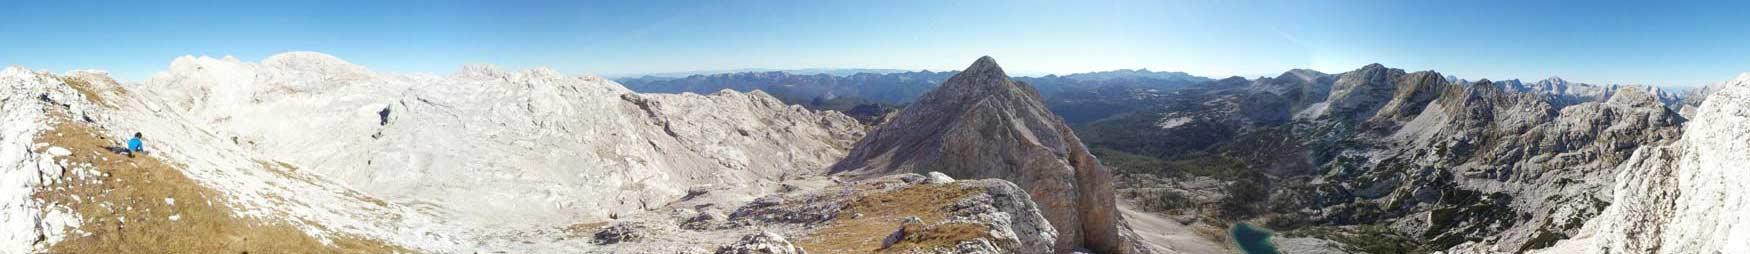 Izleti po Sloveniji kot si jih lahko predstavljamo s pomočjo panoramskih posnetkov.